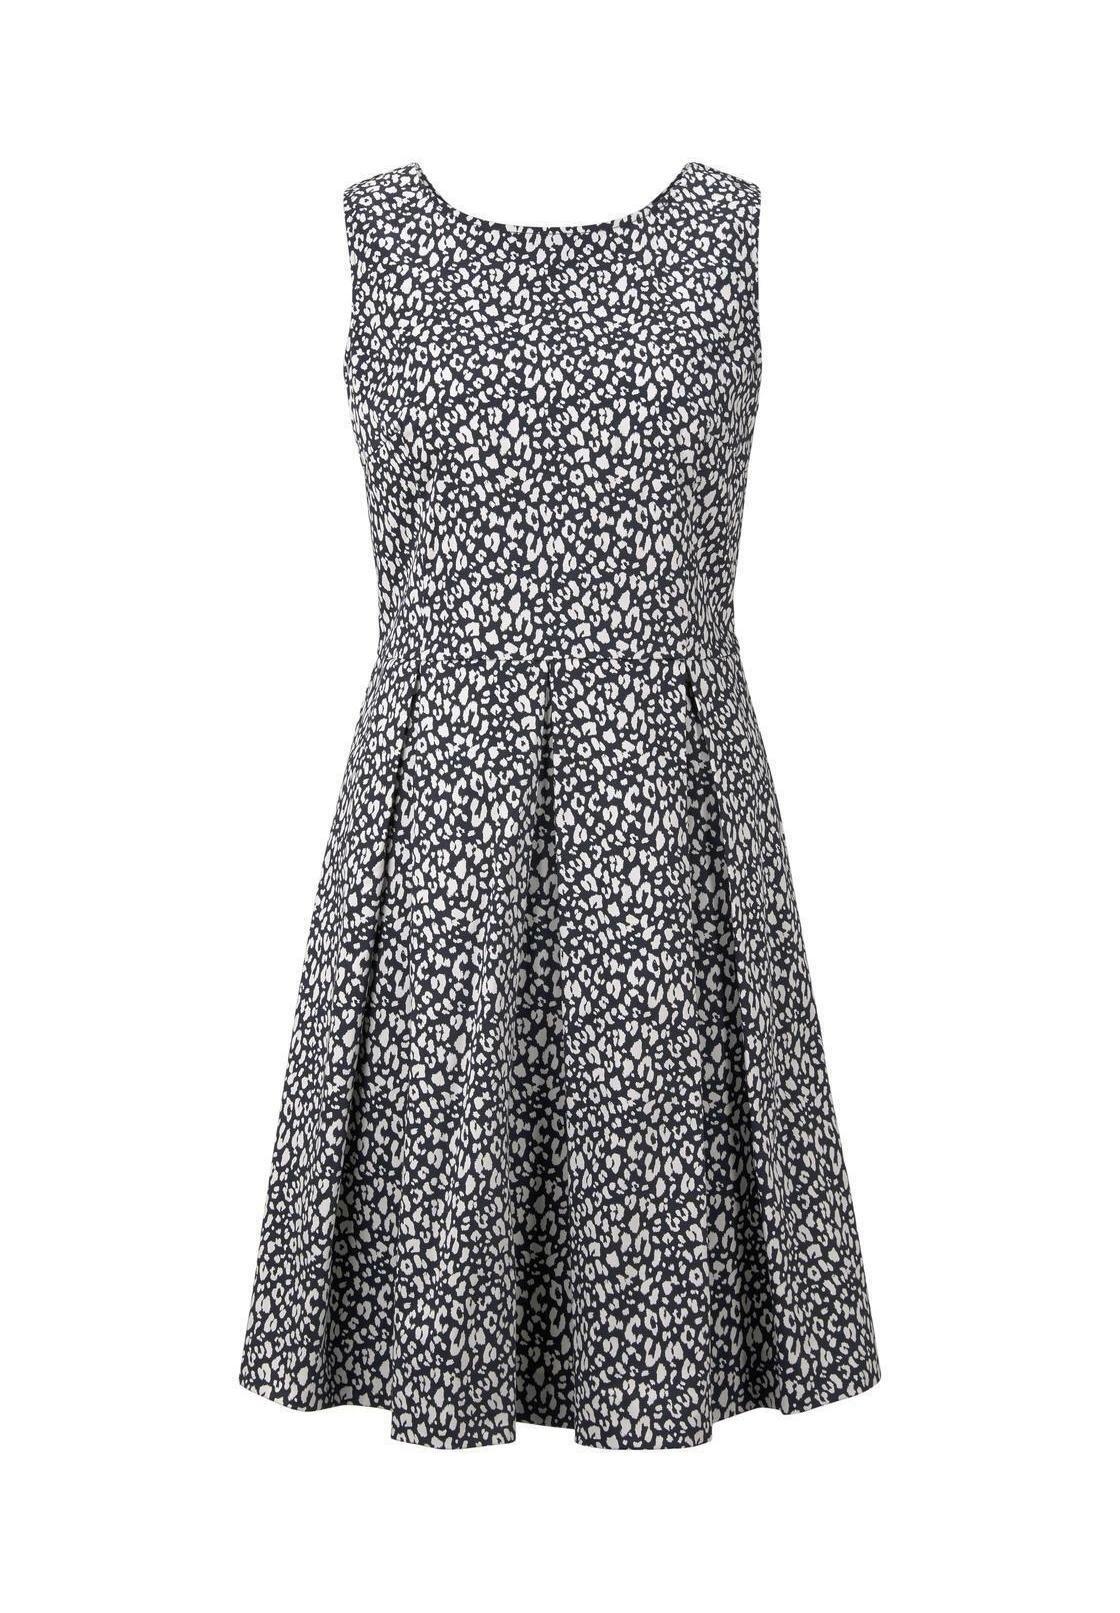 TOM TAILOR DRESS FESTIVE FEMININE - Hverdagskjoler - navy small leo design - Damer Kjoler cHH7i